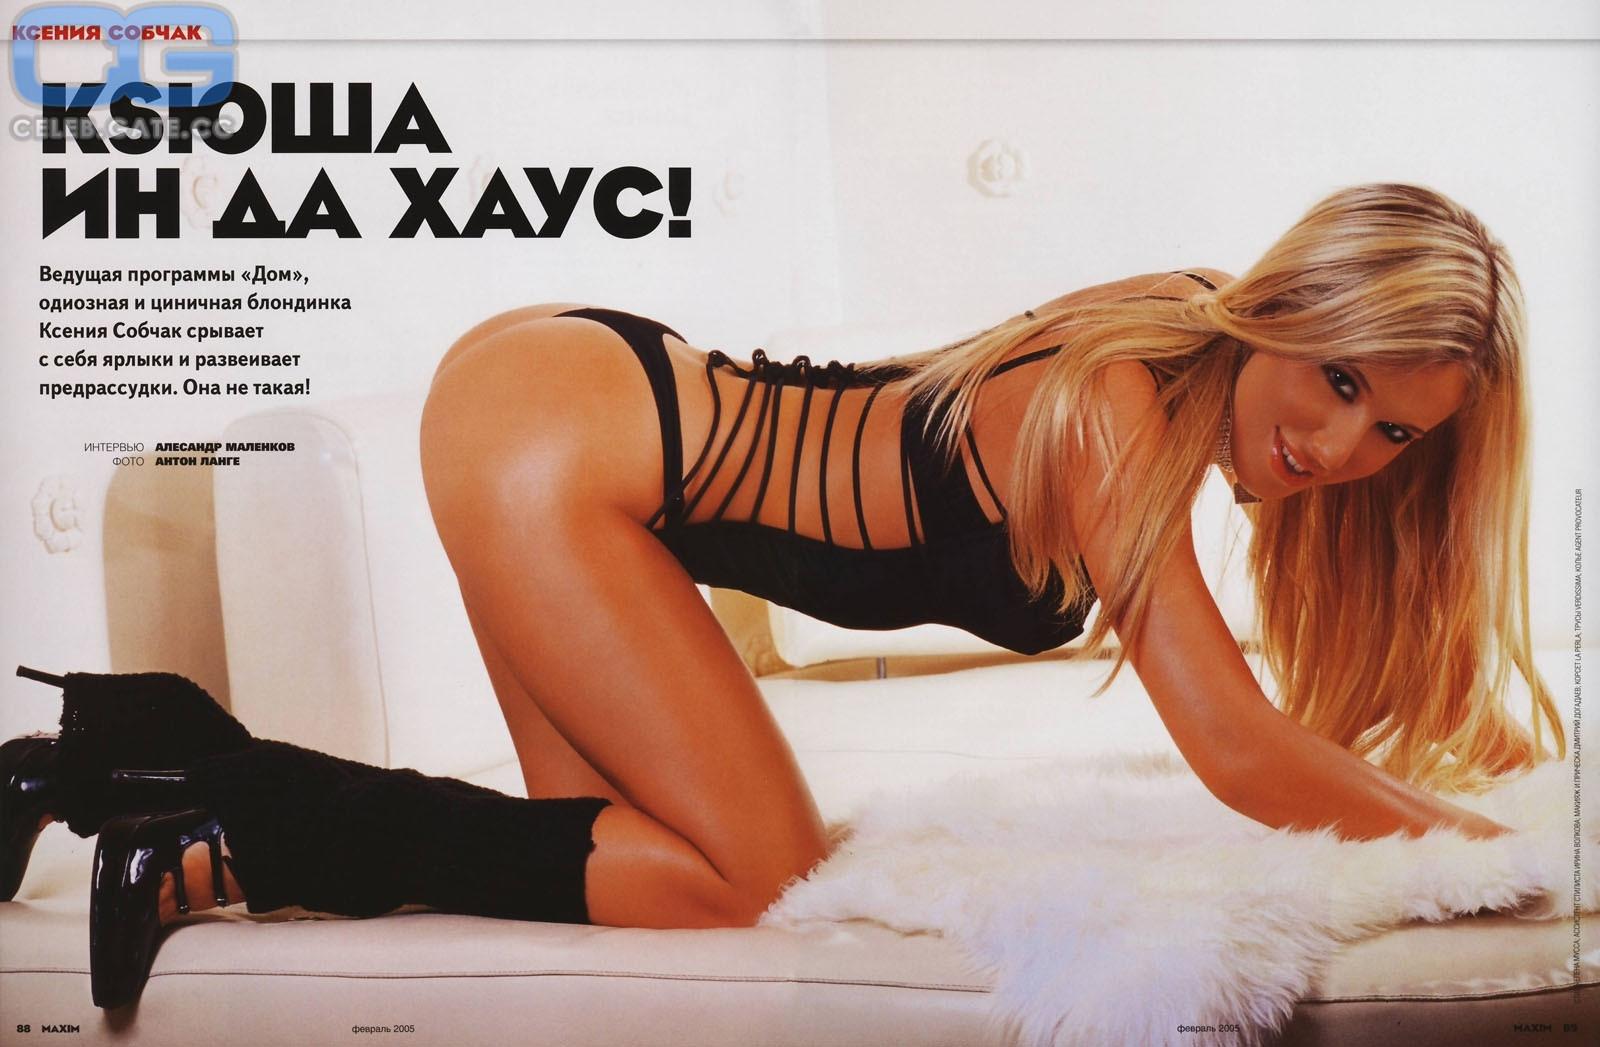 Nackt Kseniya Sobchak  Putin's goddaughter